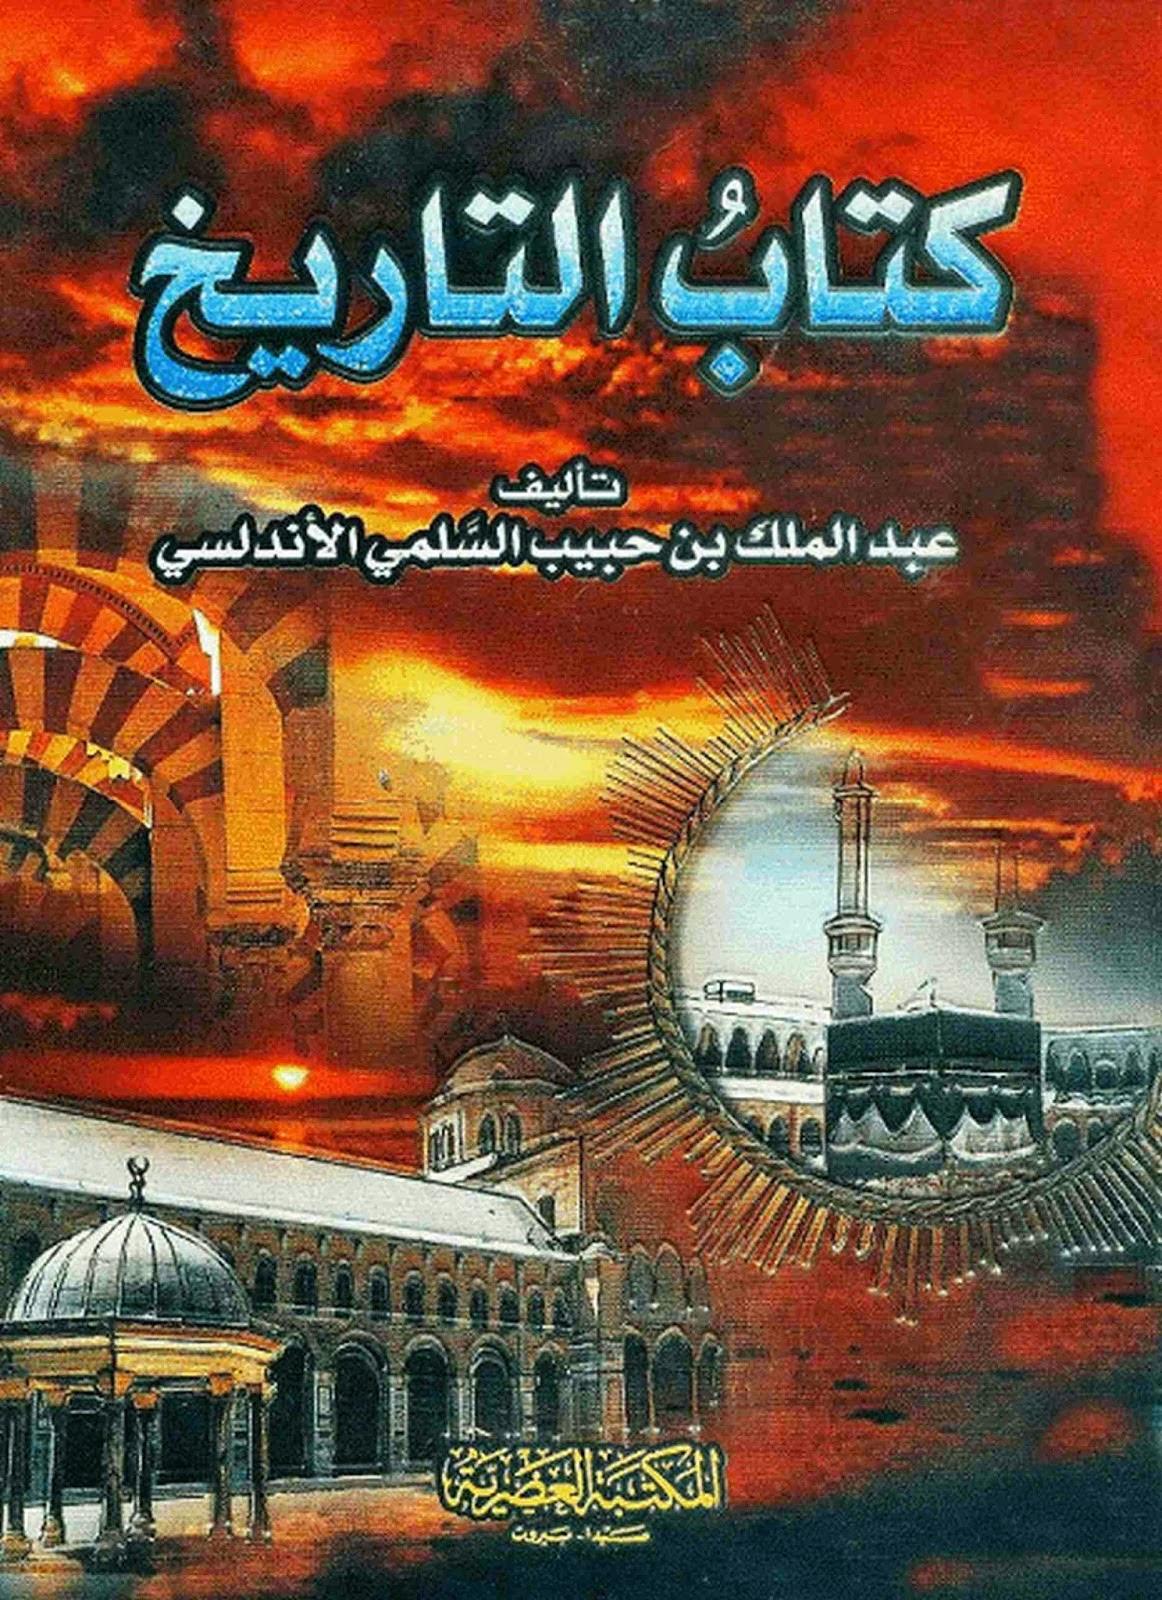 حمل كتاب التاريخ لـ عبد الملك بن حبيب السلمي الأندلسي (ت 238هـ)